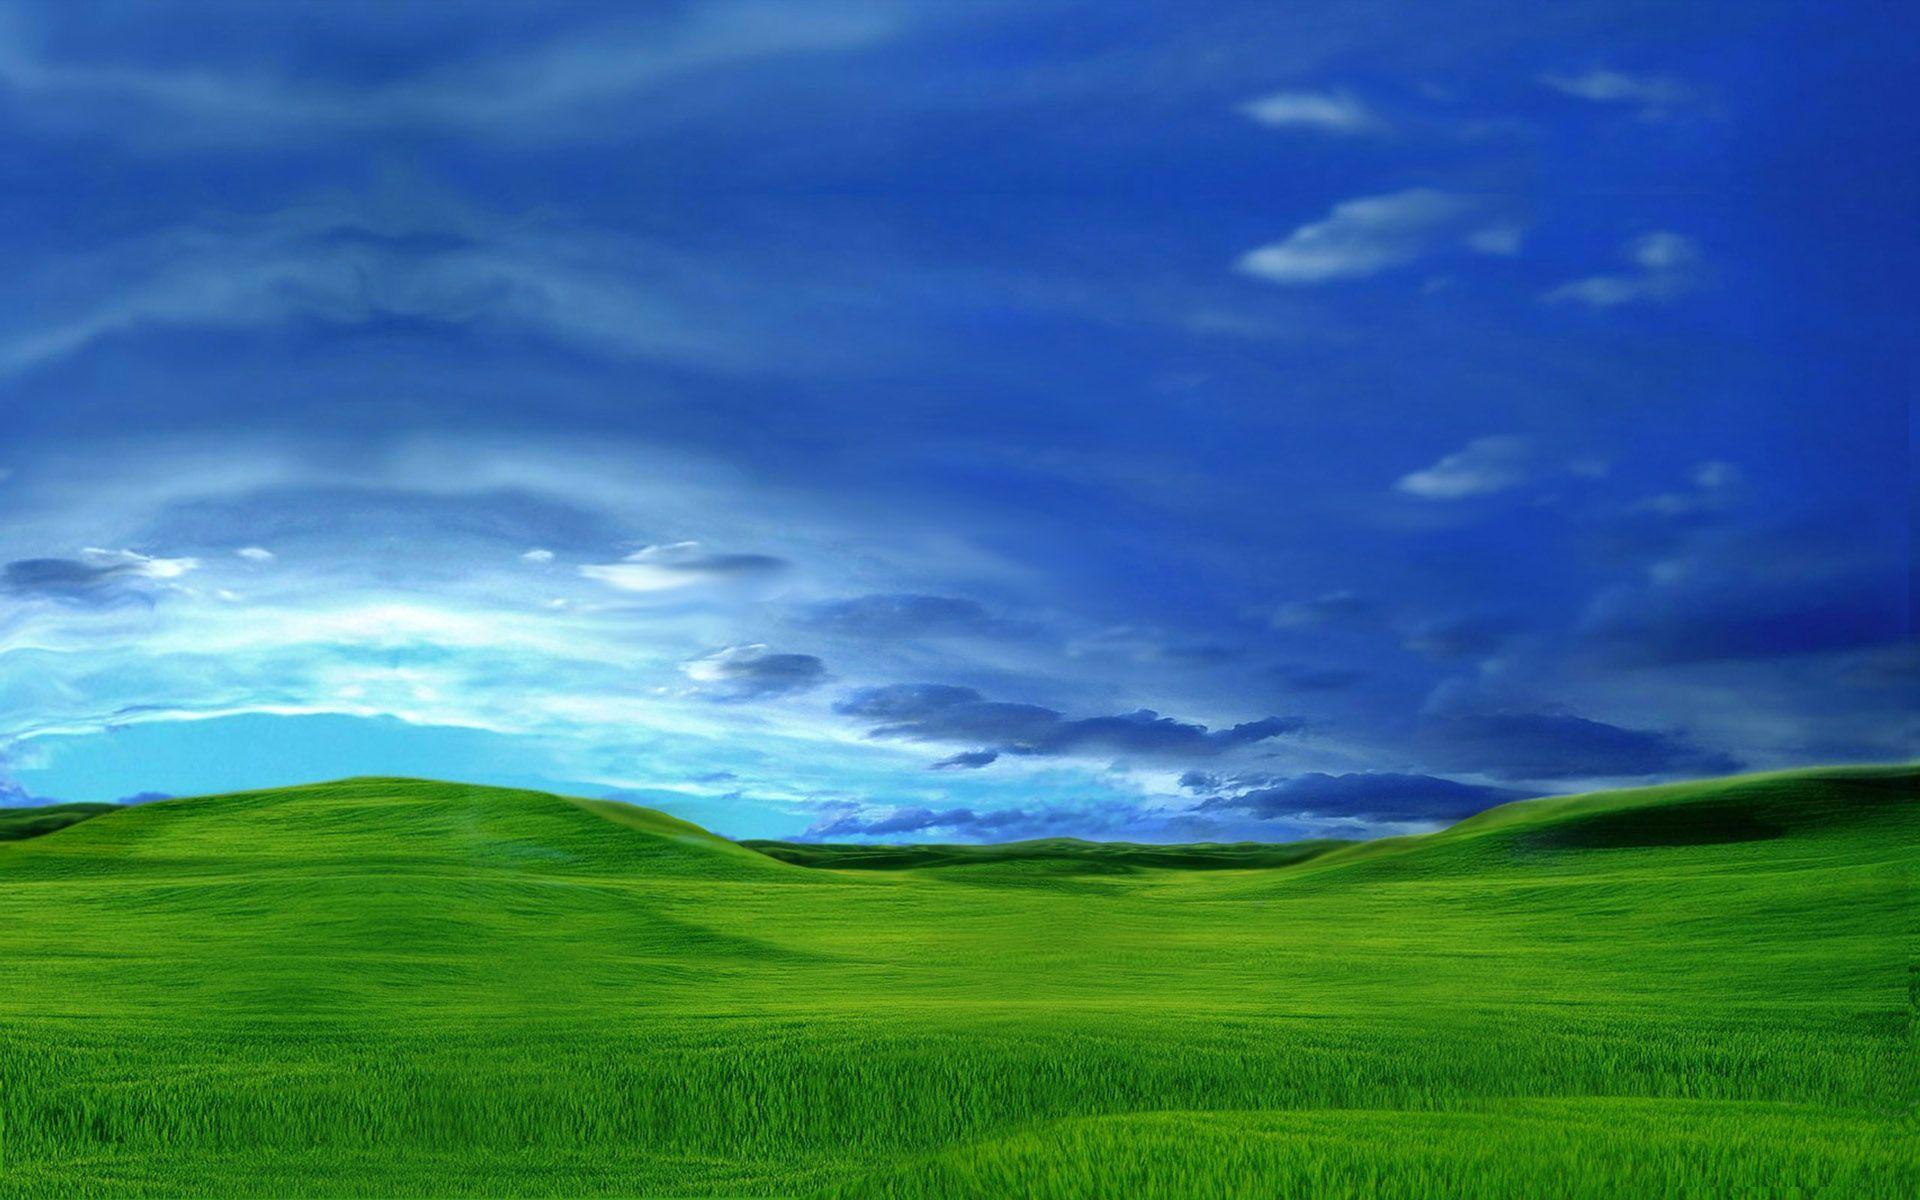 Windows Xp Wallpaper 1920x1080 Sf Wallpaper